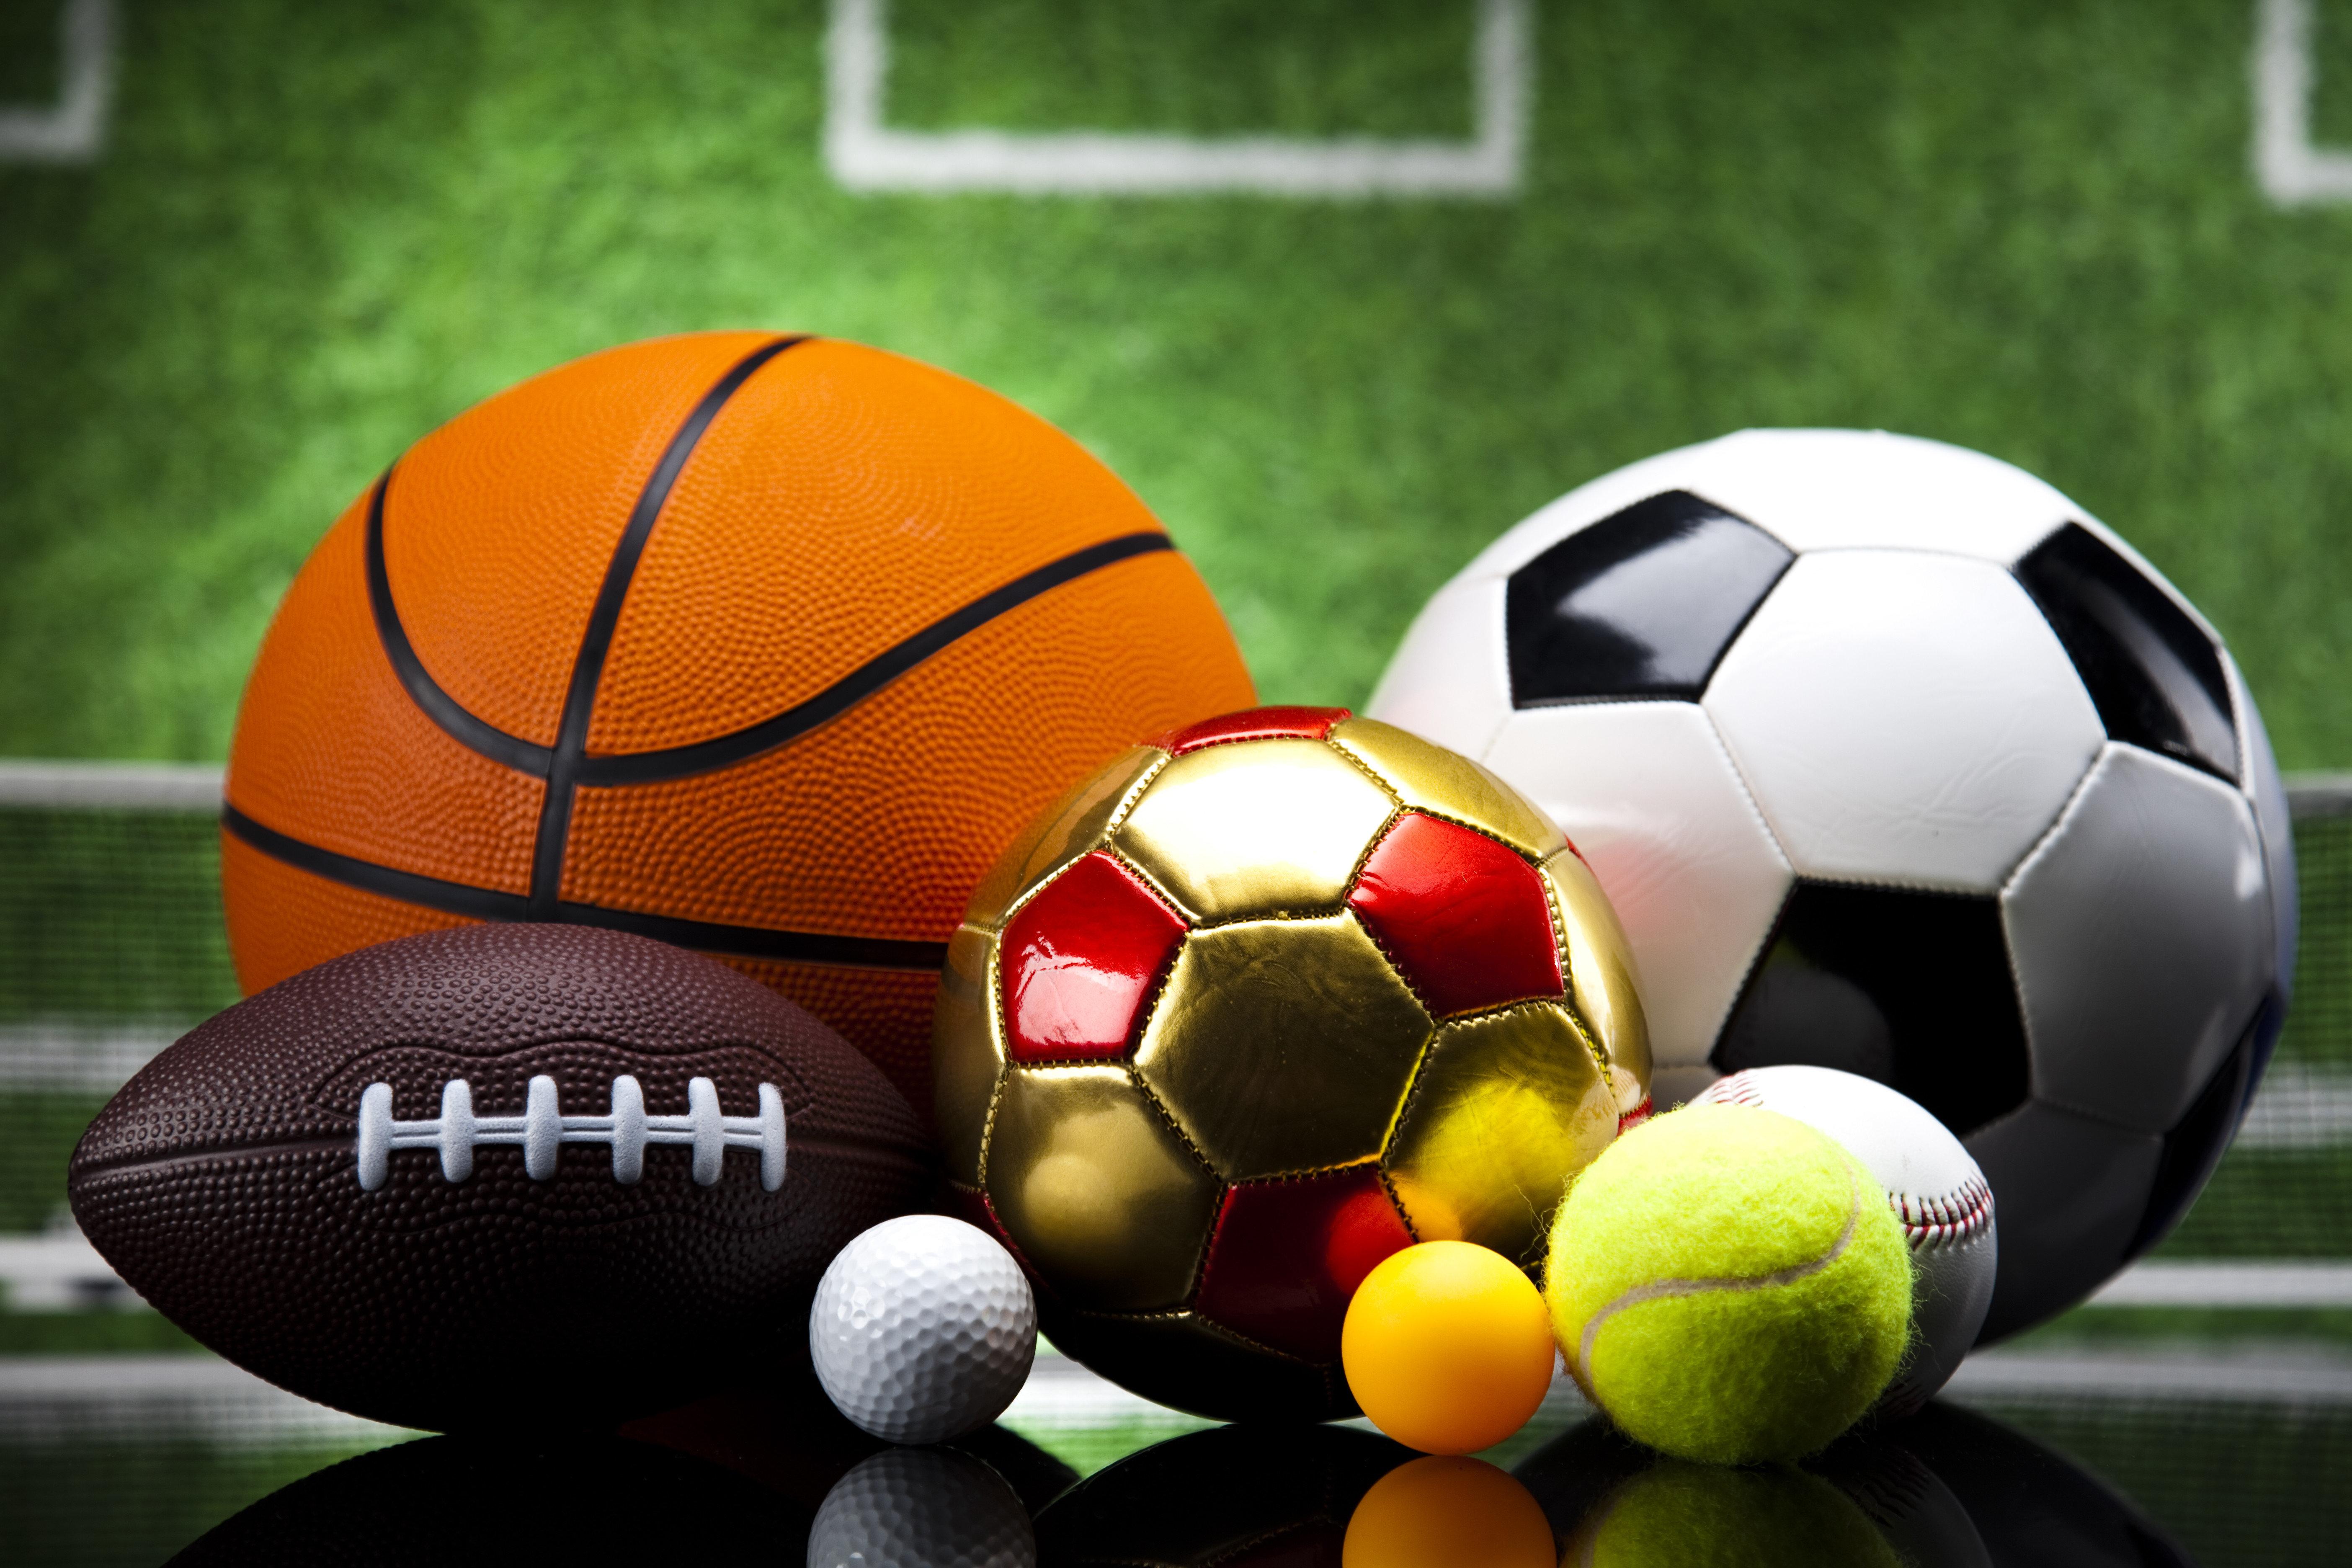 спортивные игры с мячом с картинками